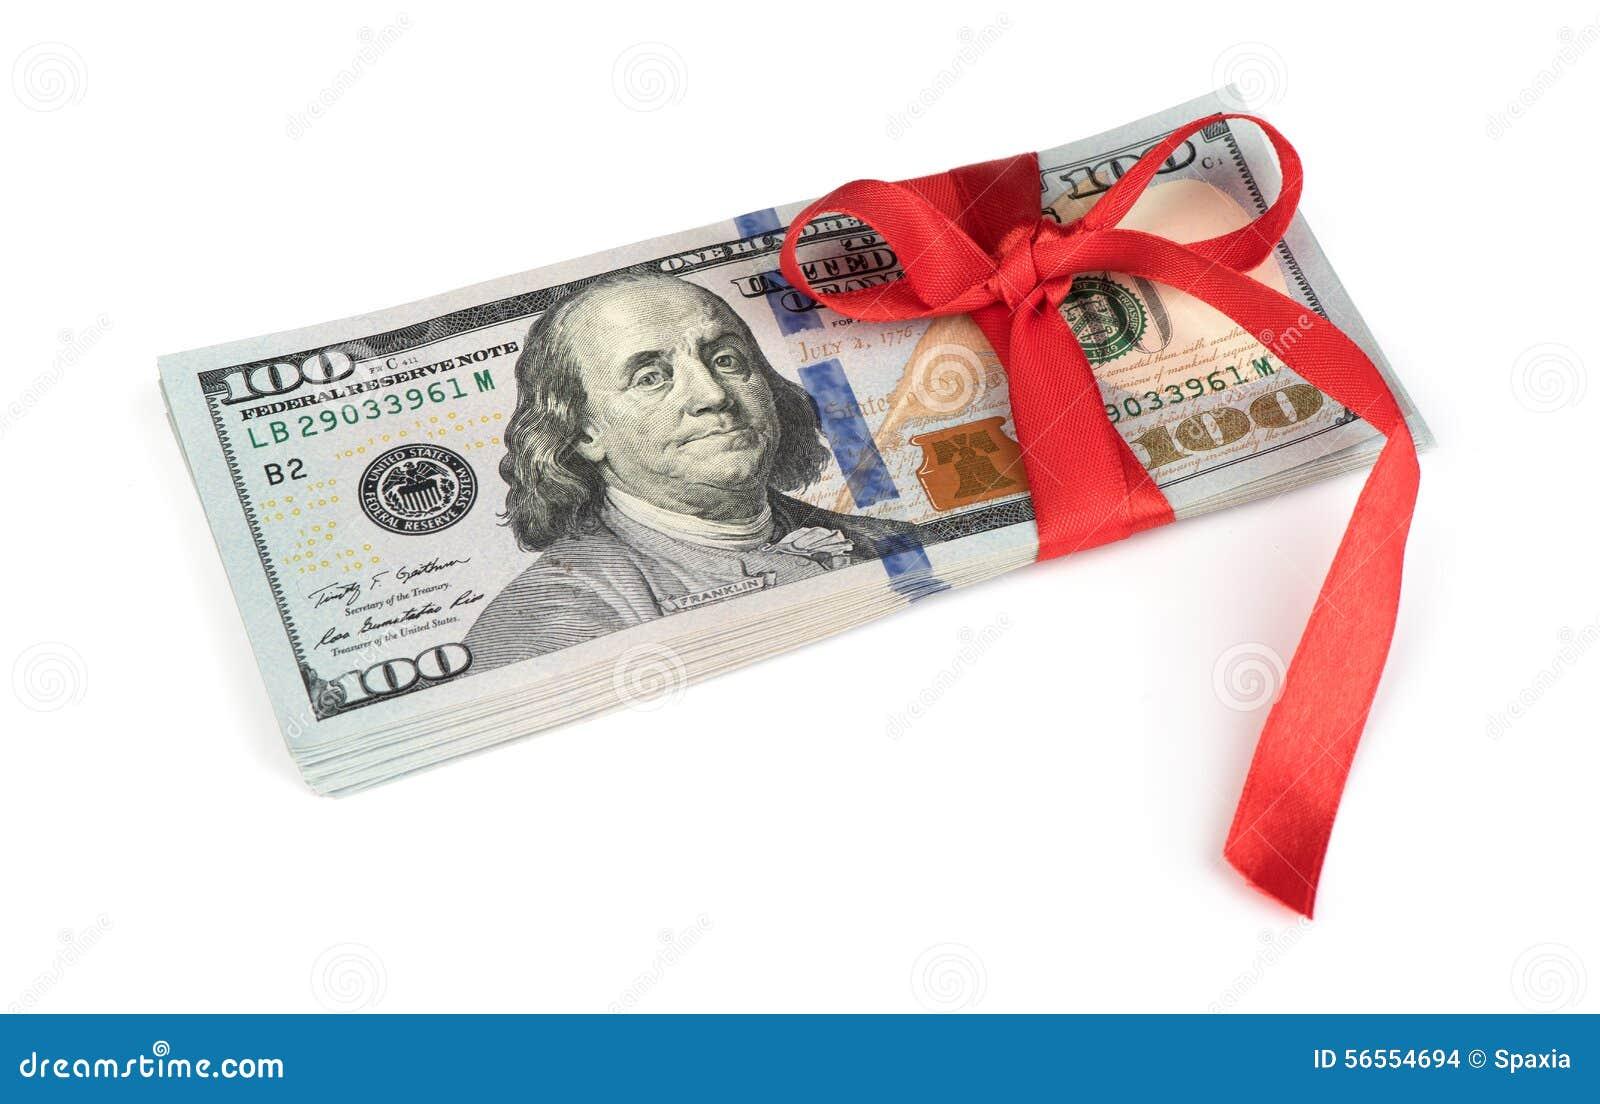 Download Δώρο χρημάτων στοκ εικόνες. εικόνα από επιχείρηση, λογαριασμών - 56554694